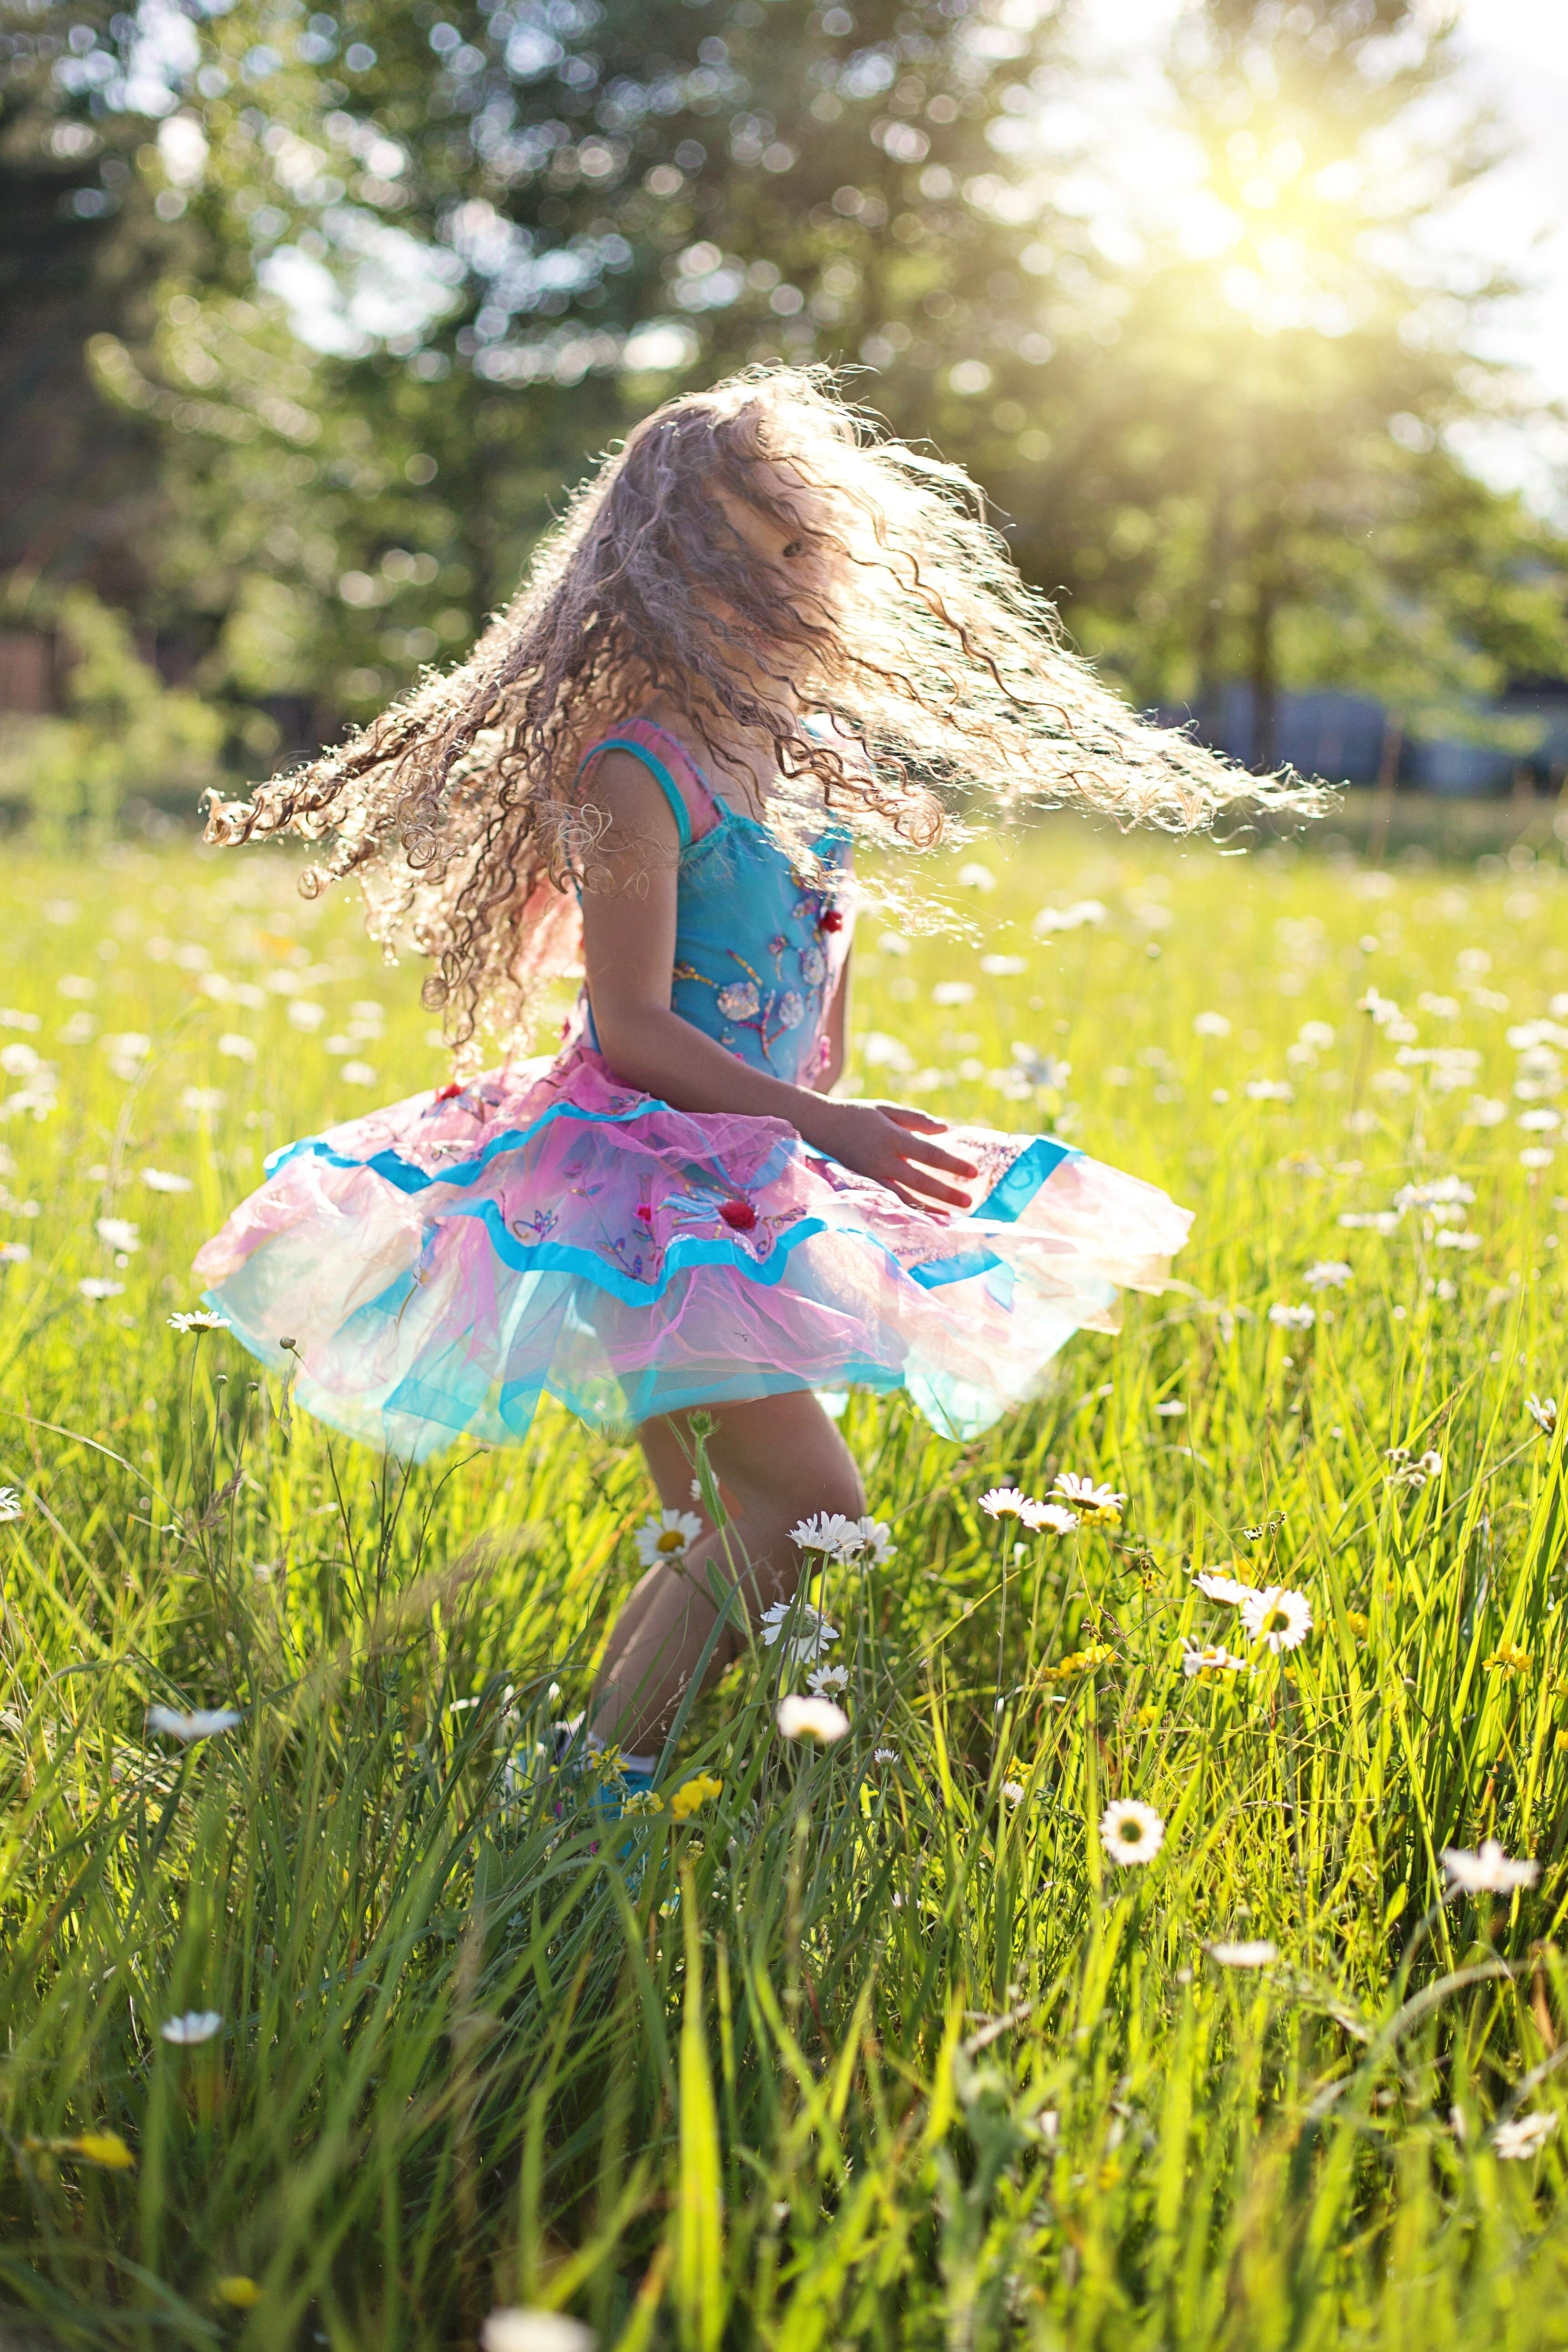 Как выбрать лагерь для ребенка: 8 правил, которые помогут избежать проблем